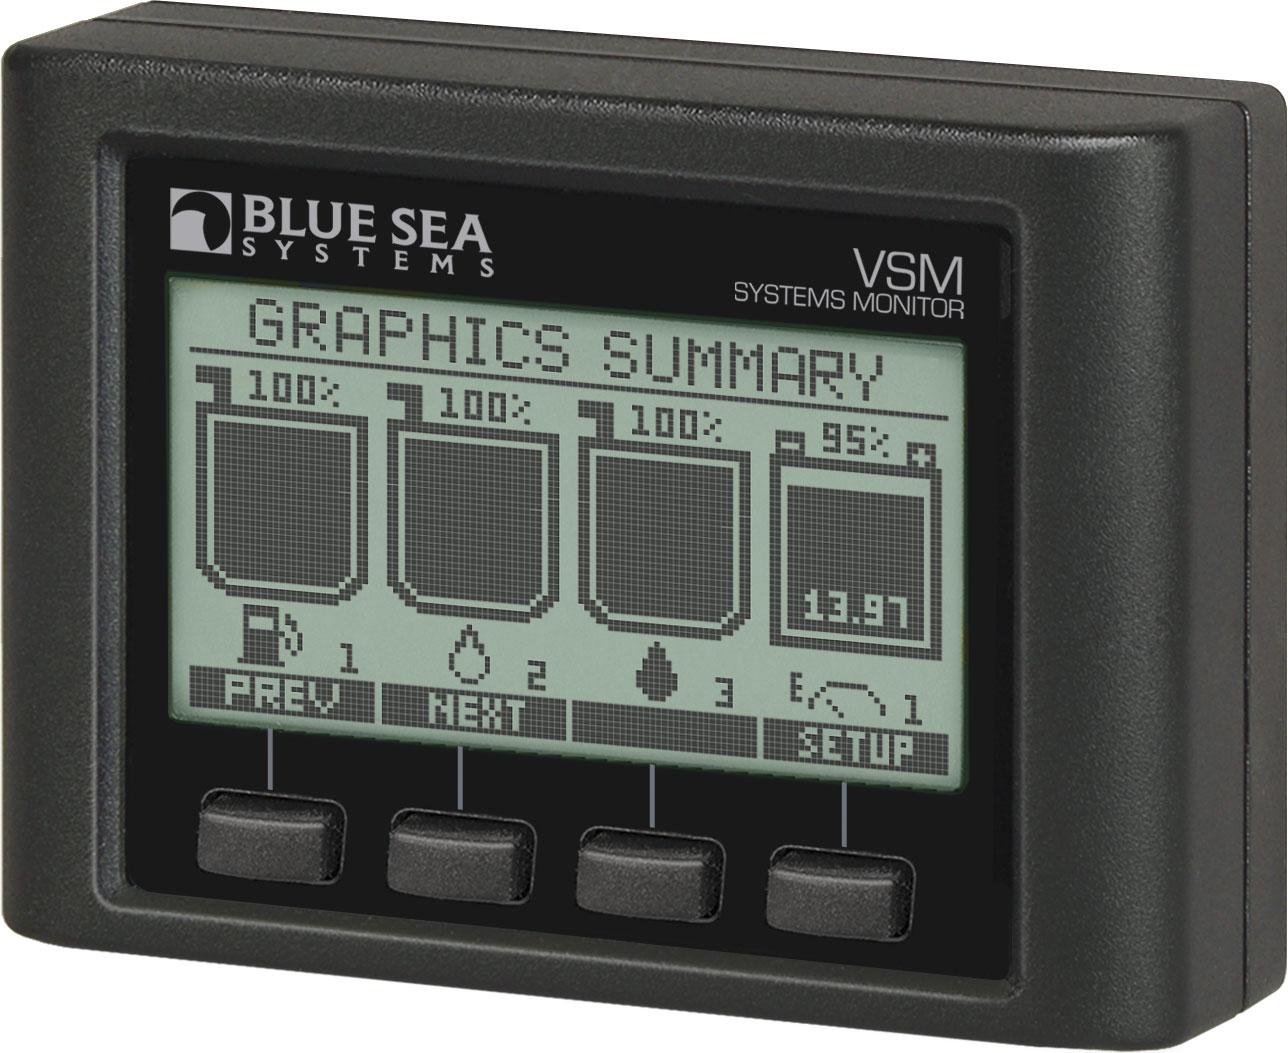 Vessel Systems Monitor Vsm 422